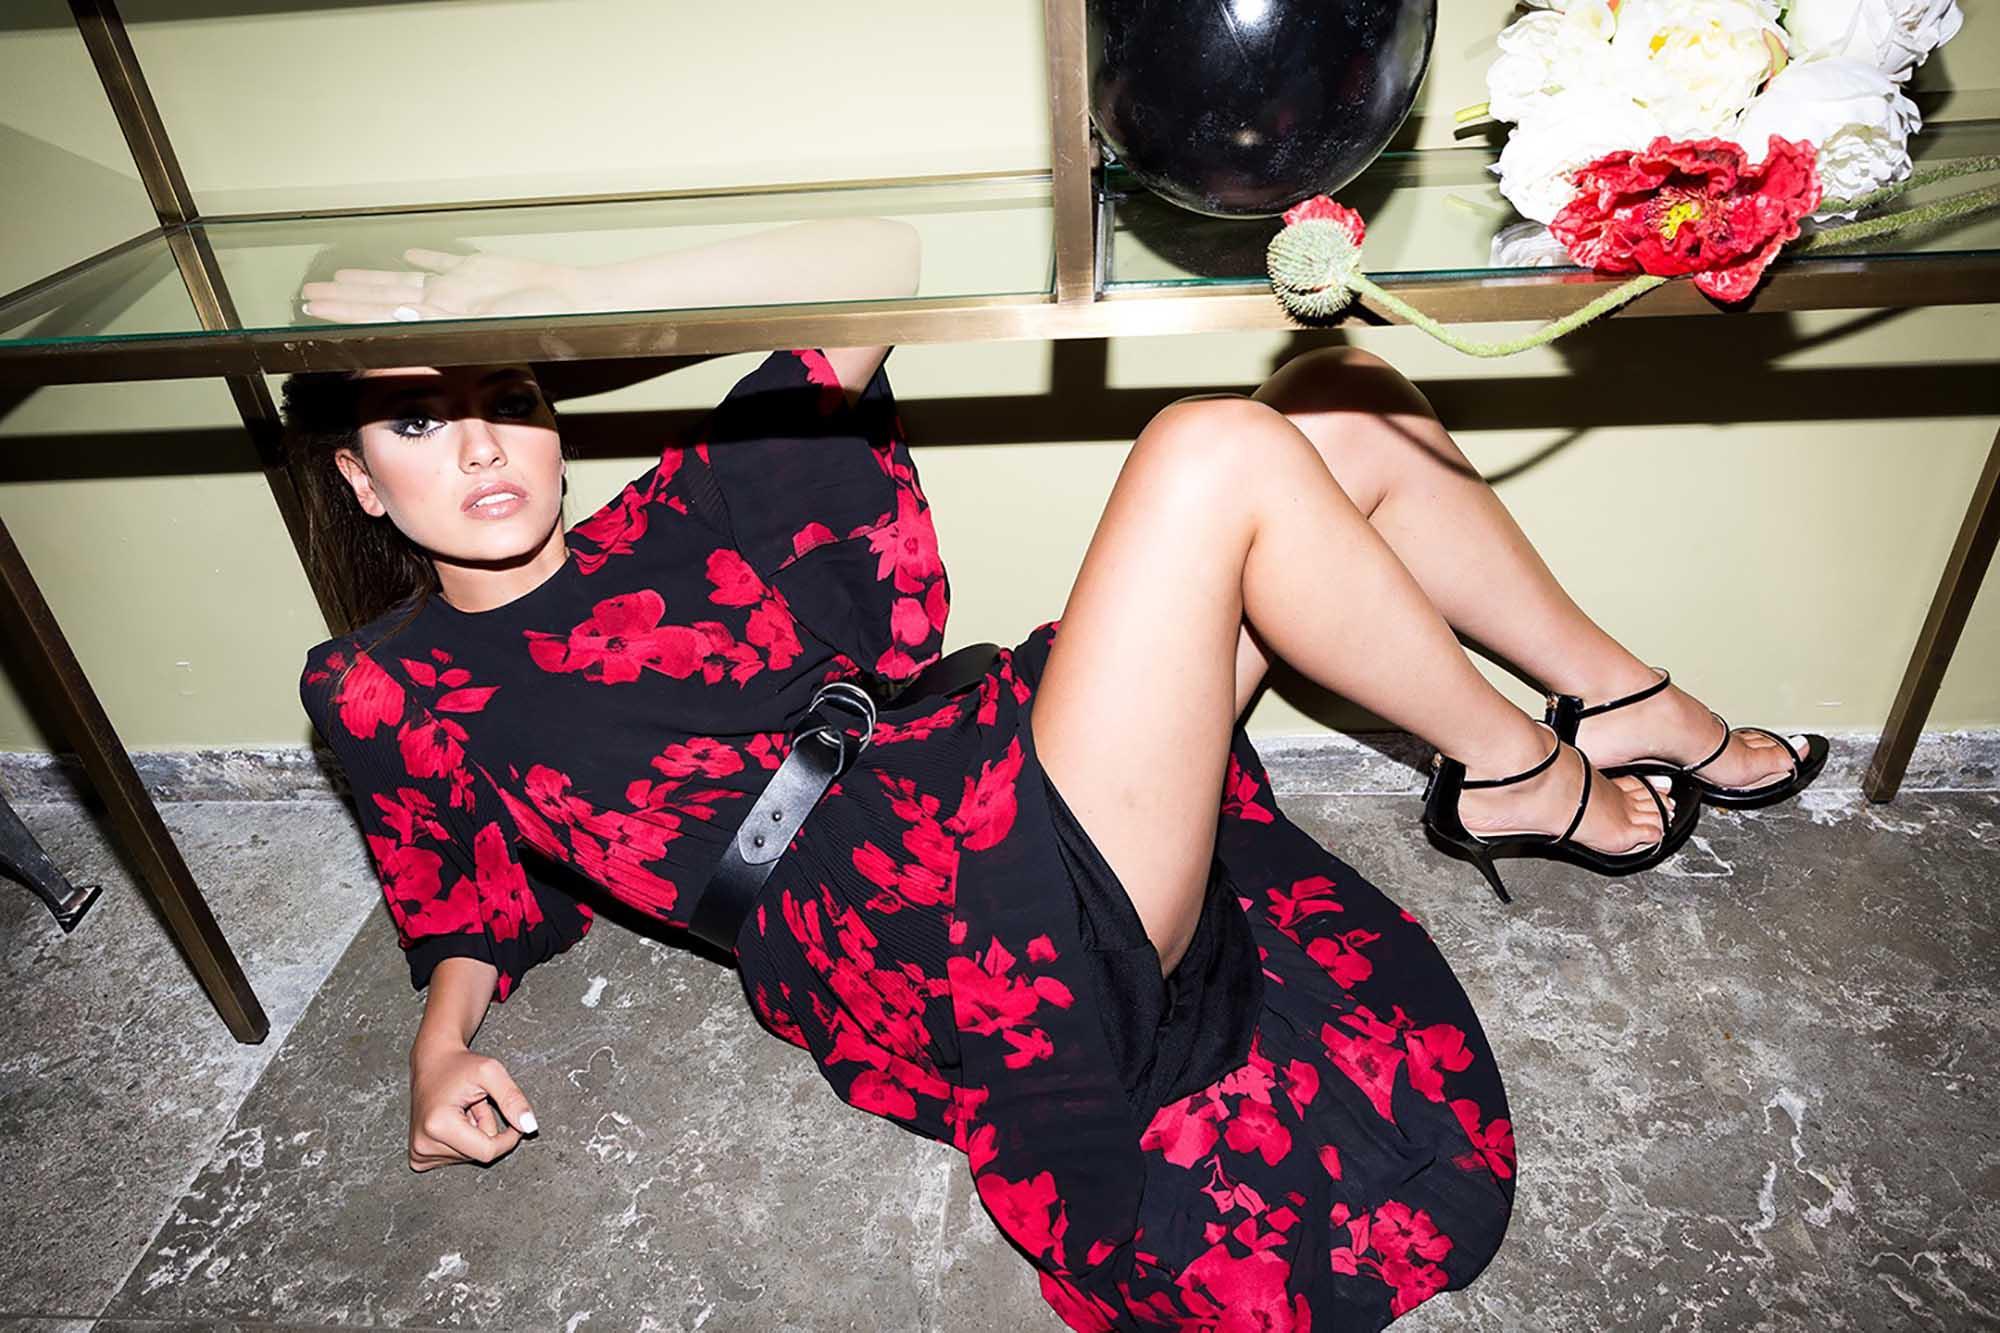 ירין שחף, הפקת אופנה, קרינה גרוזמן, שירה לכנר, מגזין אופנה -7